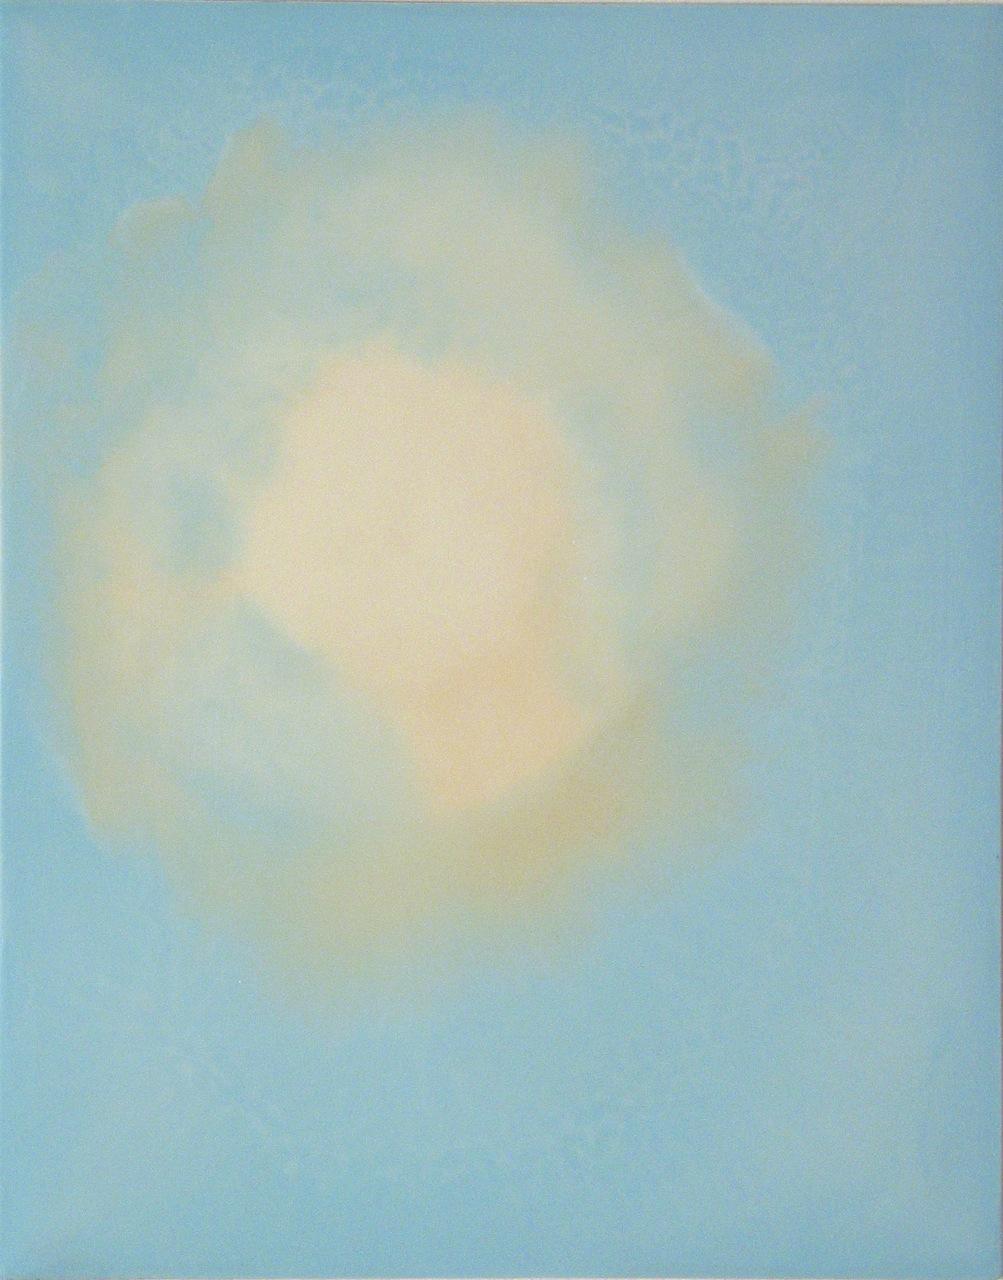 Peter Flaccus, Sky Bulb, 2006, encausto su tavola, cm 43x34